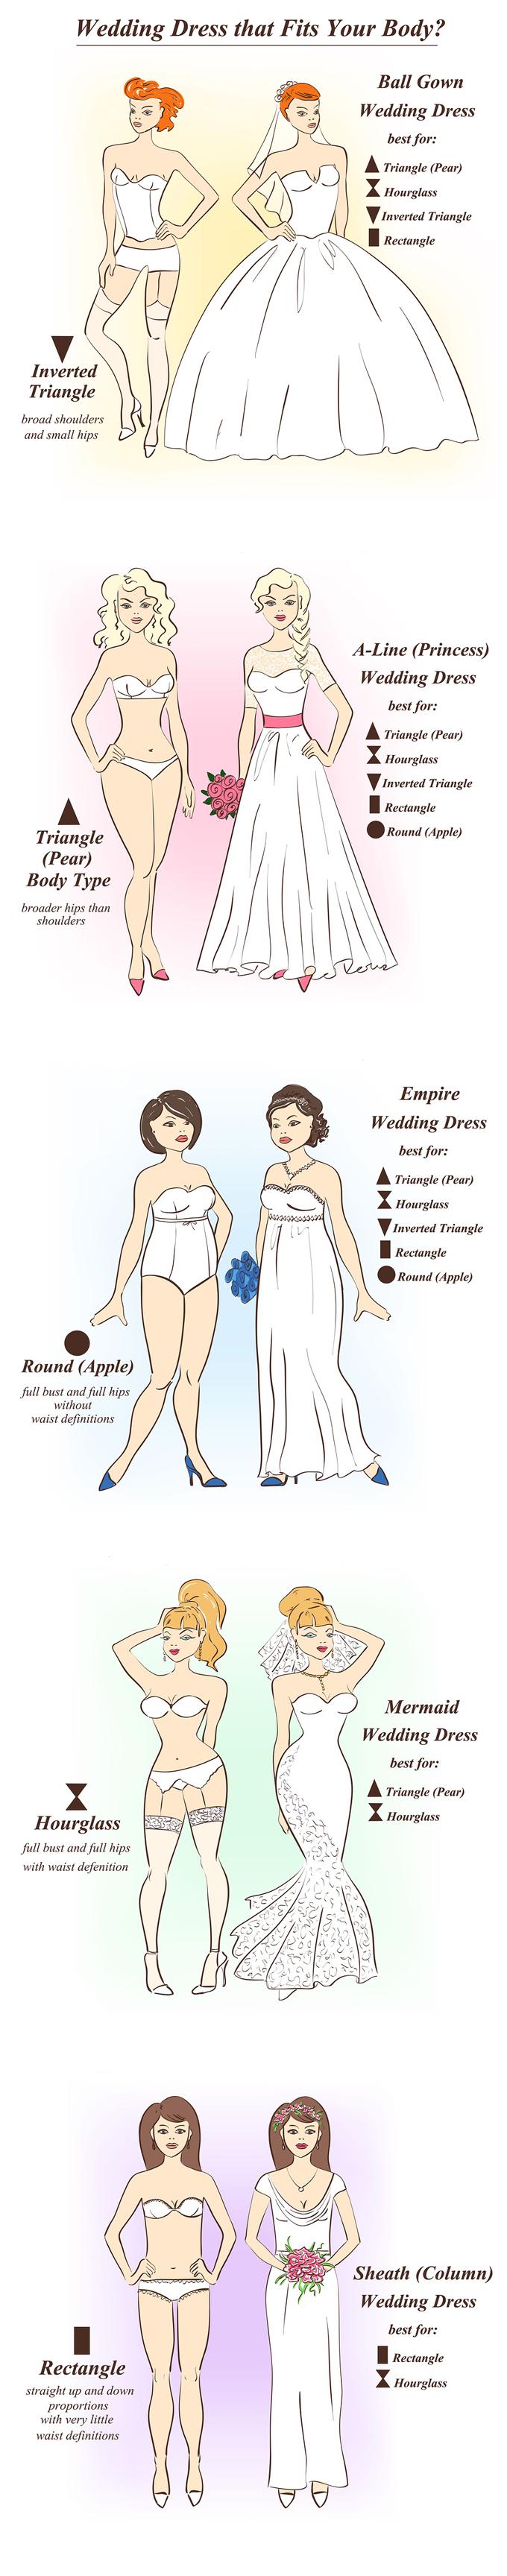 De Luxe Banquet Hall Blog -Wedding Dress Infographic